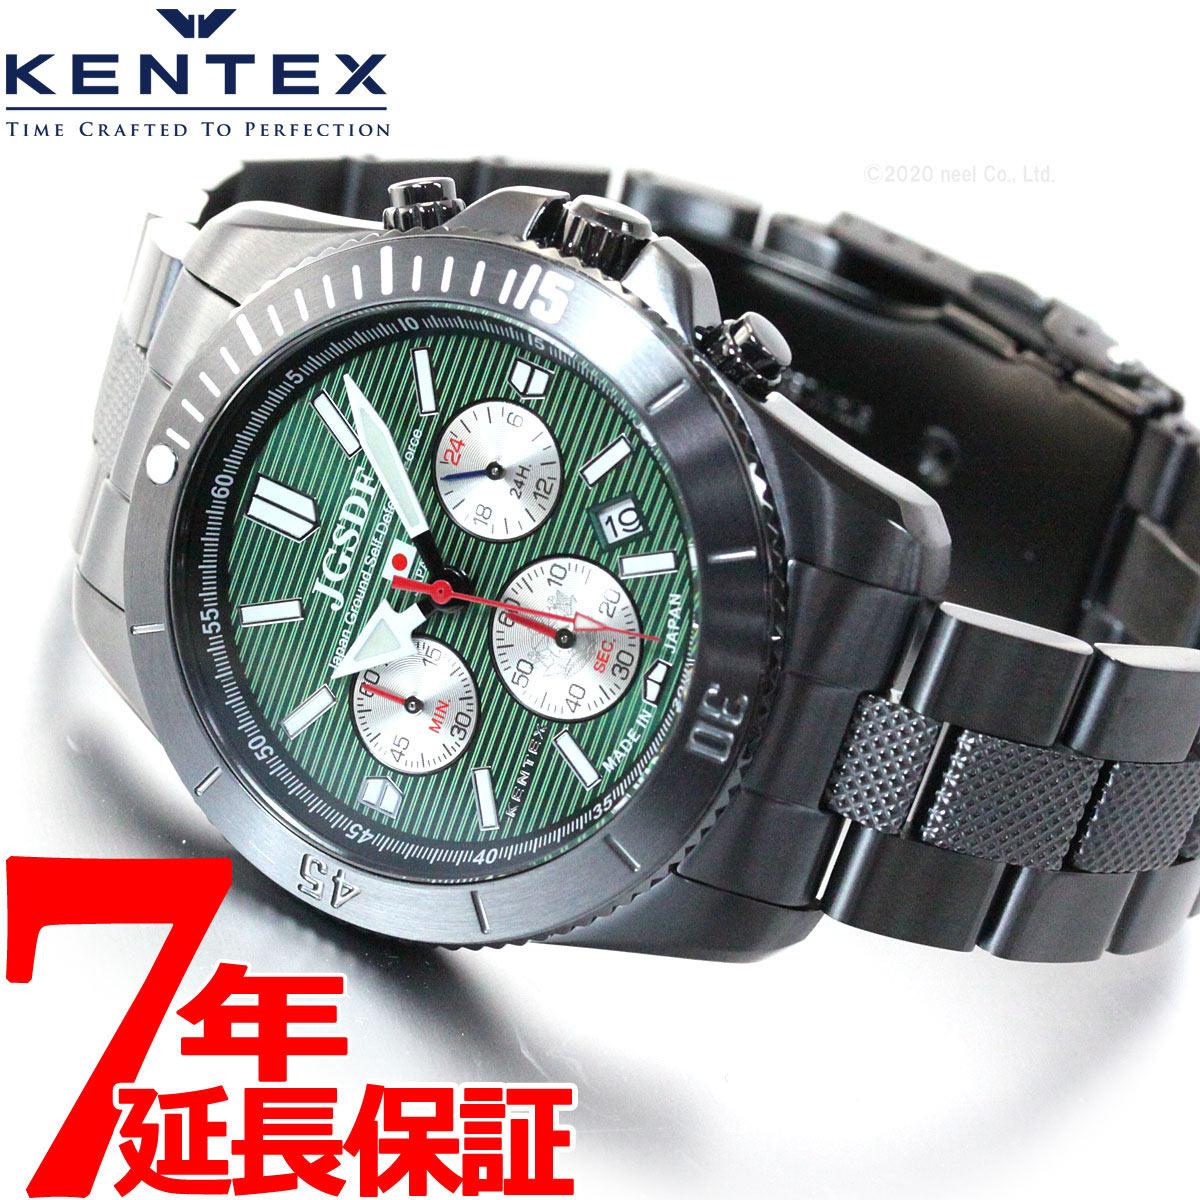 【SHOP OF THE YEAR 2018 受賞】ケンテックス KENTEX 腕時計 メンズ JSDF PRO 陸上自衛隊 プロフェッショナルモデル クロノグラフ S690M-01